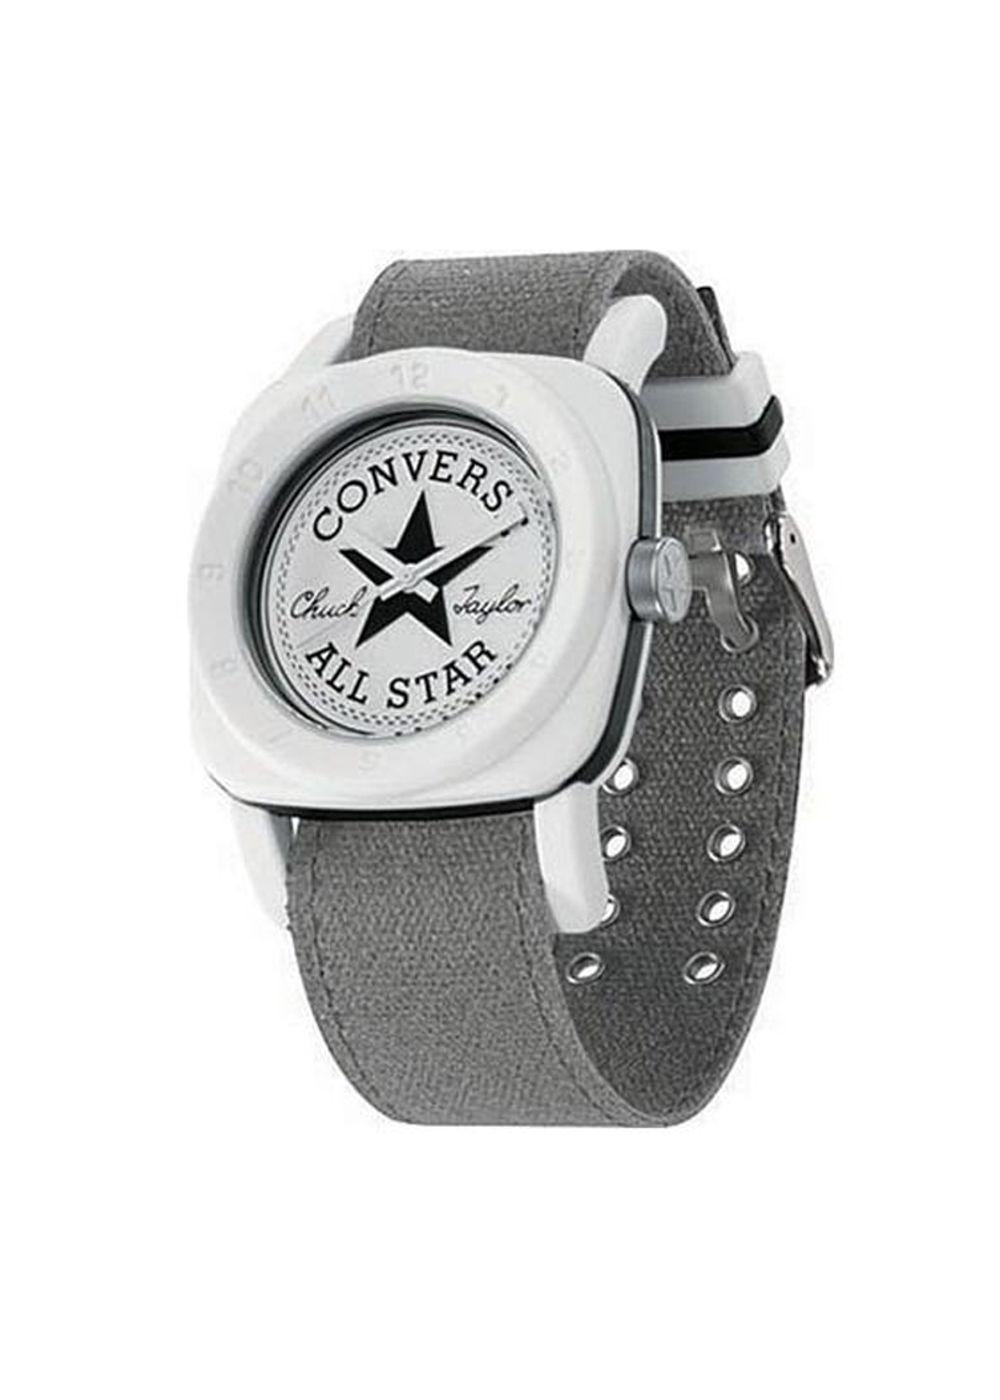 ddae9c60b98b Converse-analog Unisex Watch Vr026-065